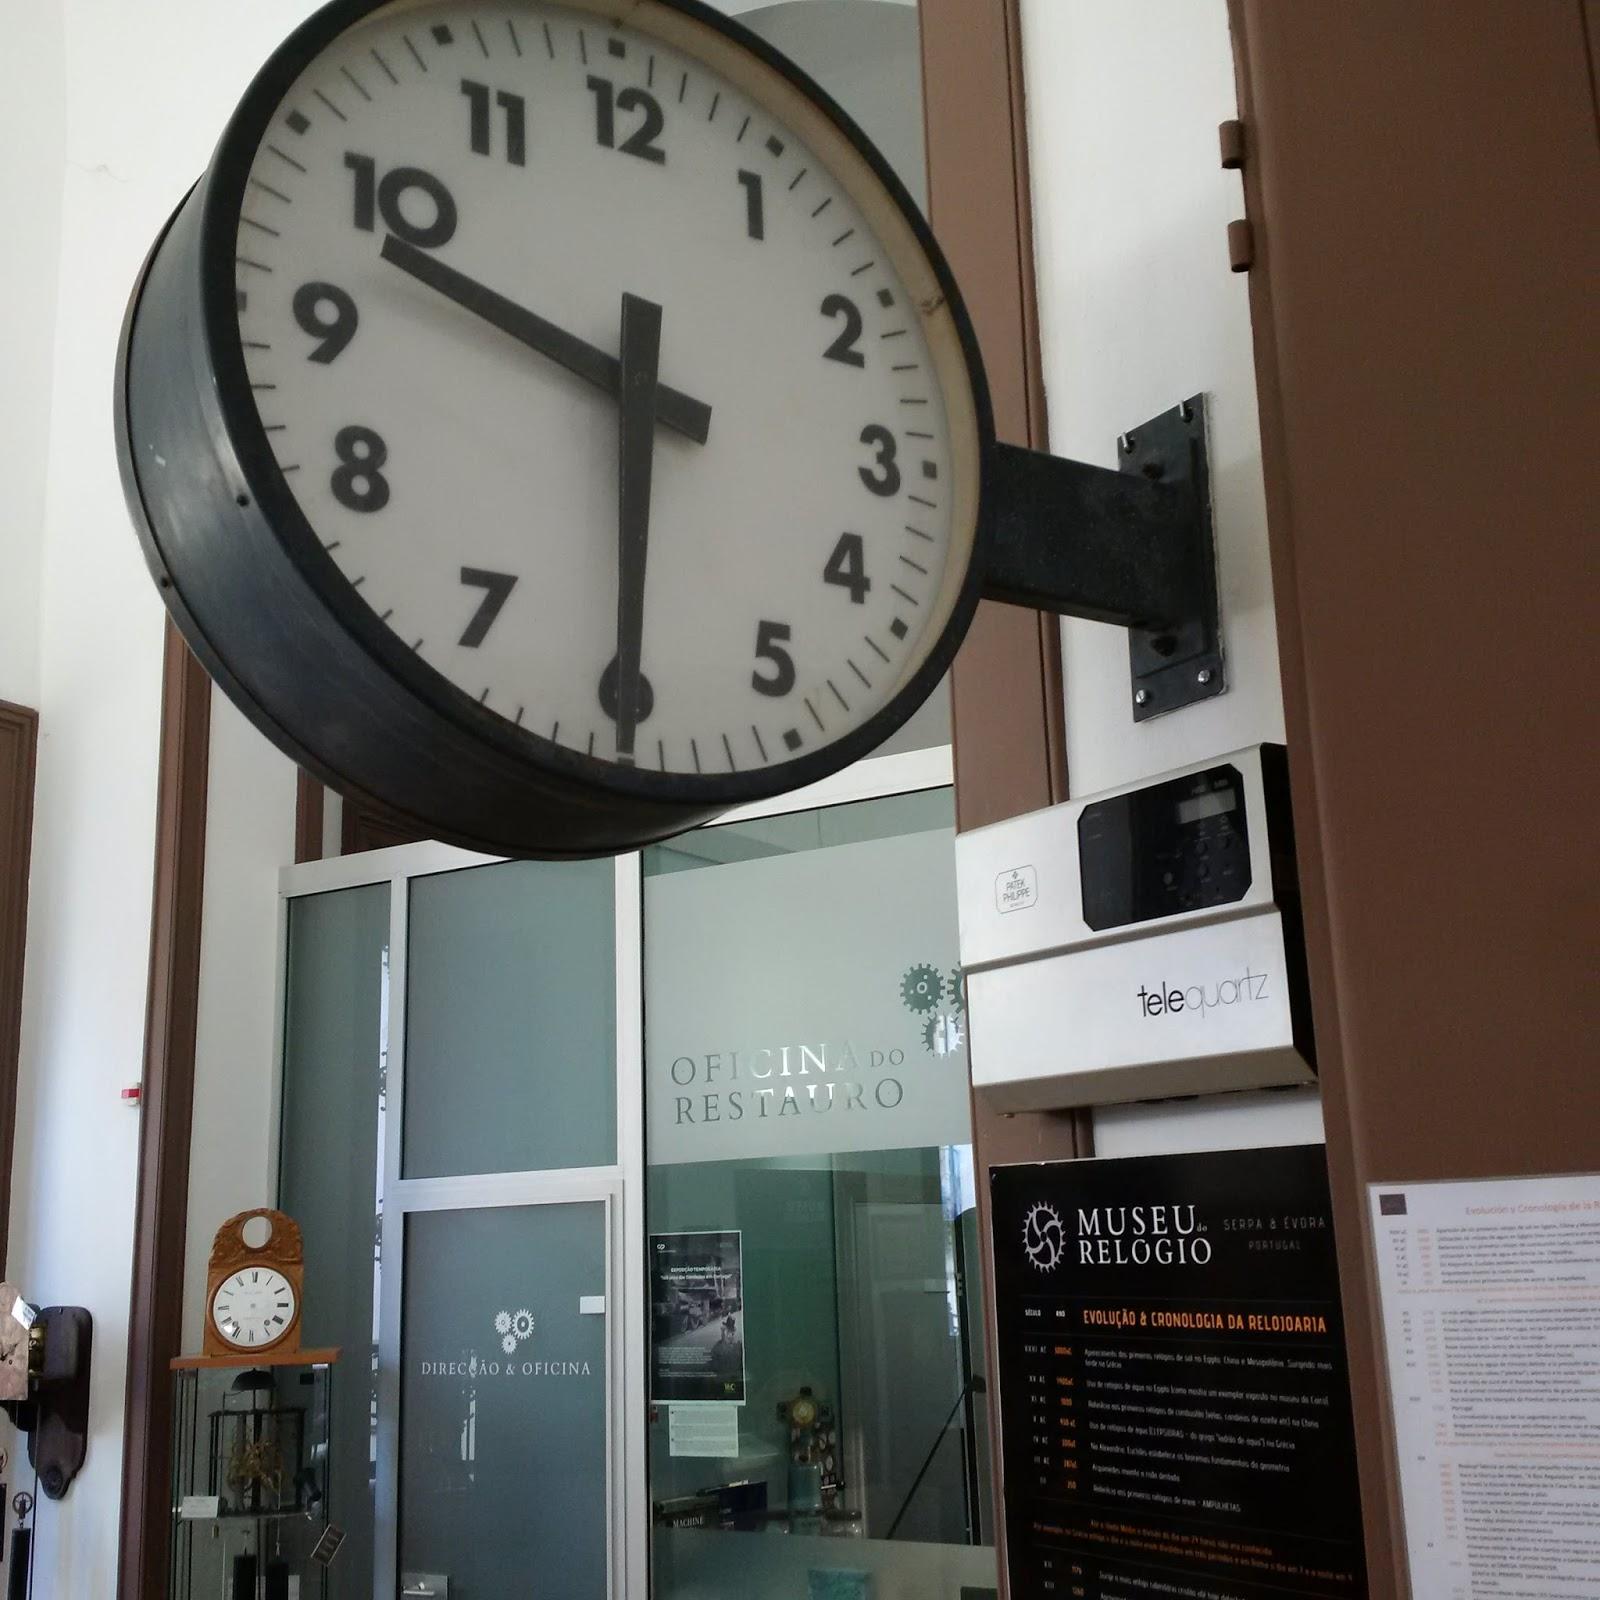 c87f7a61d05 Local e Datas  Museu do Relógio - Pólo de Évora de 18 de Janeiro a 28 de  Fevereiro 2017 Contatos  www.museudorelogio.com T. 266 751 434 E. ...